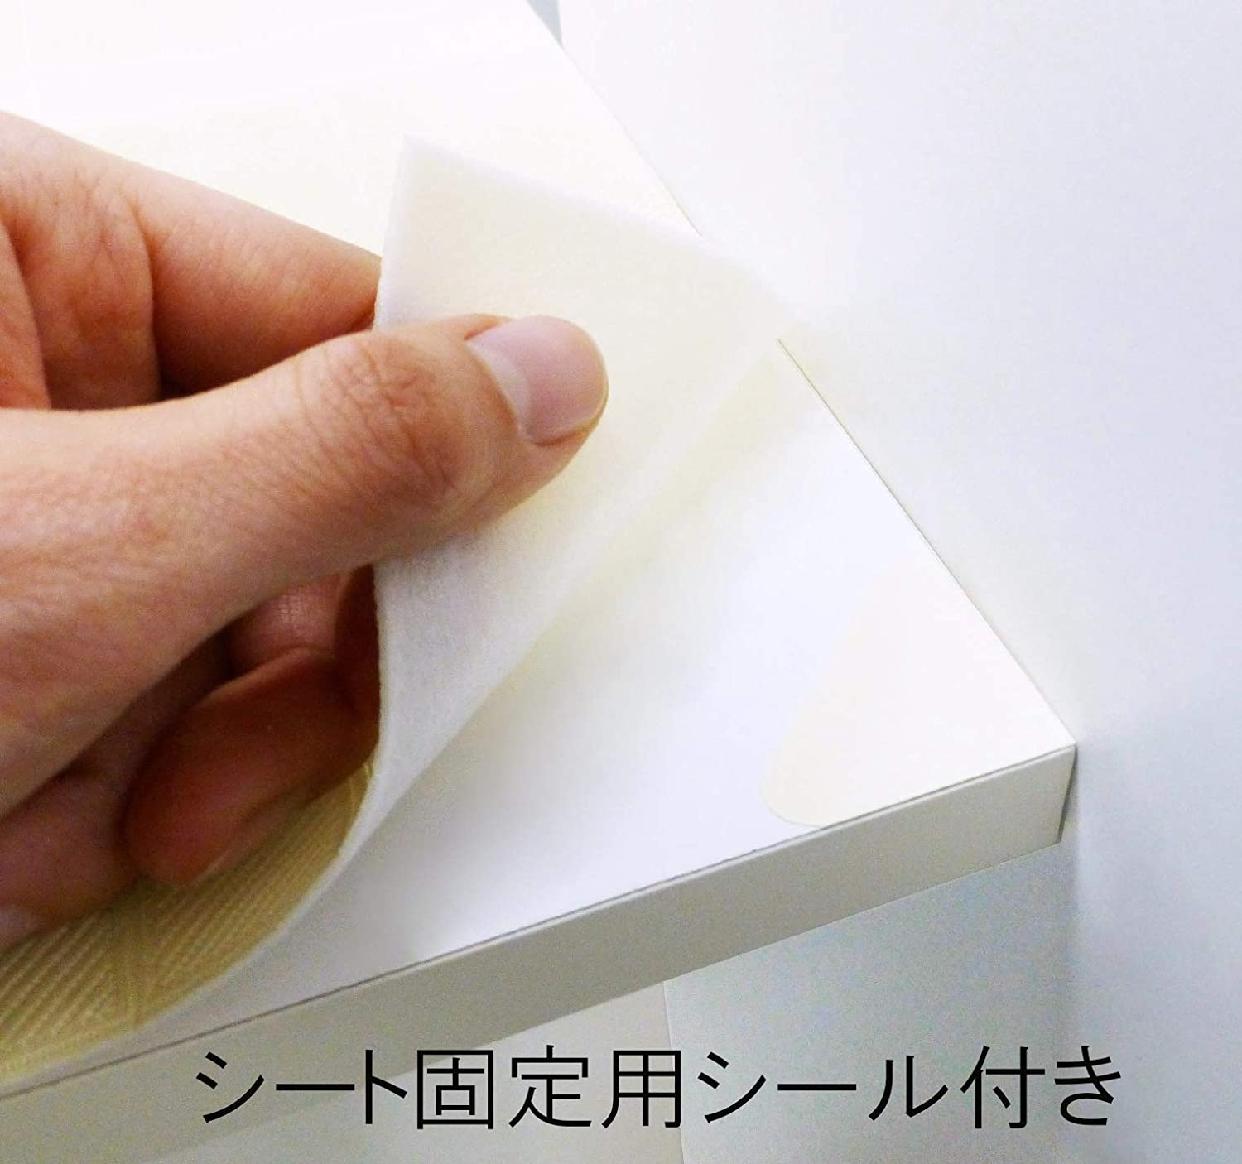 waise(ワイズ) 備長炭配合 システムキッチンの汚れを防ぐシート 45cmの商品画像6